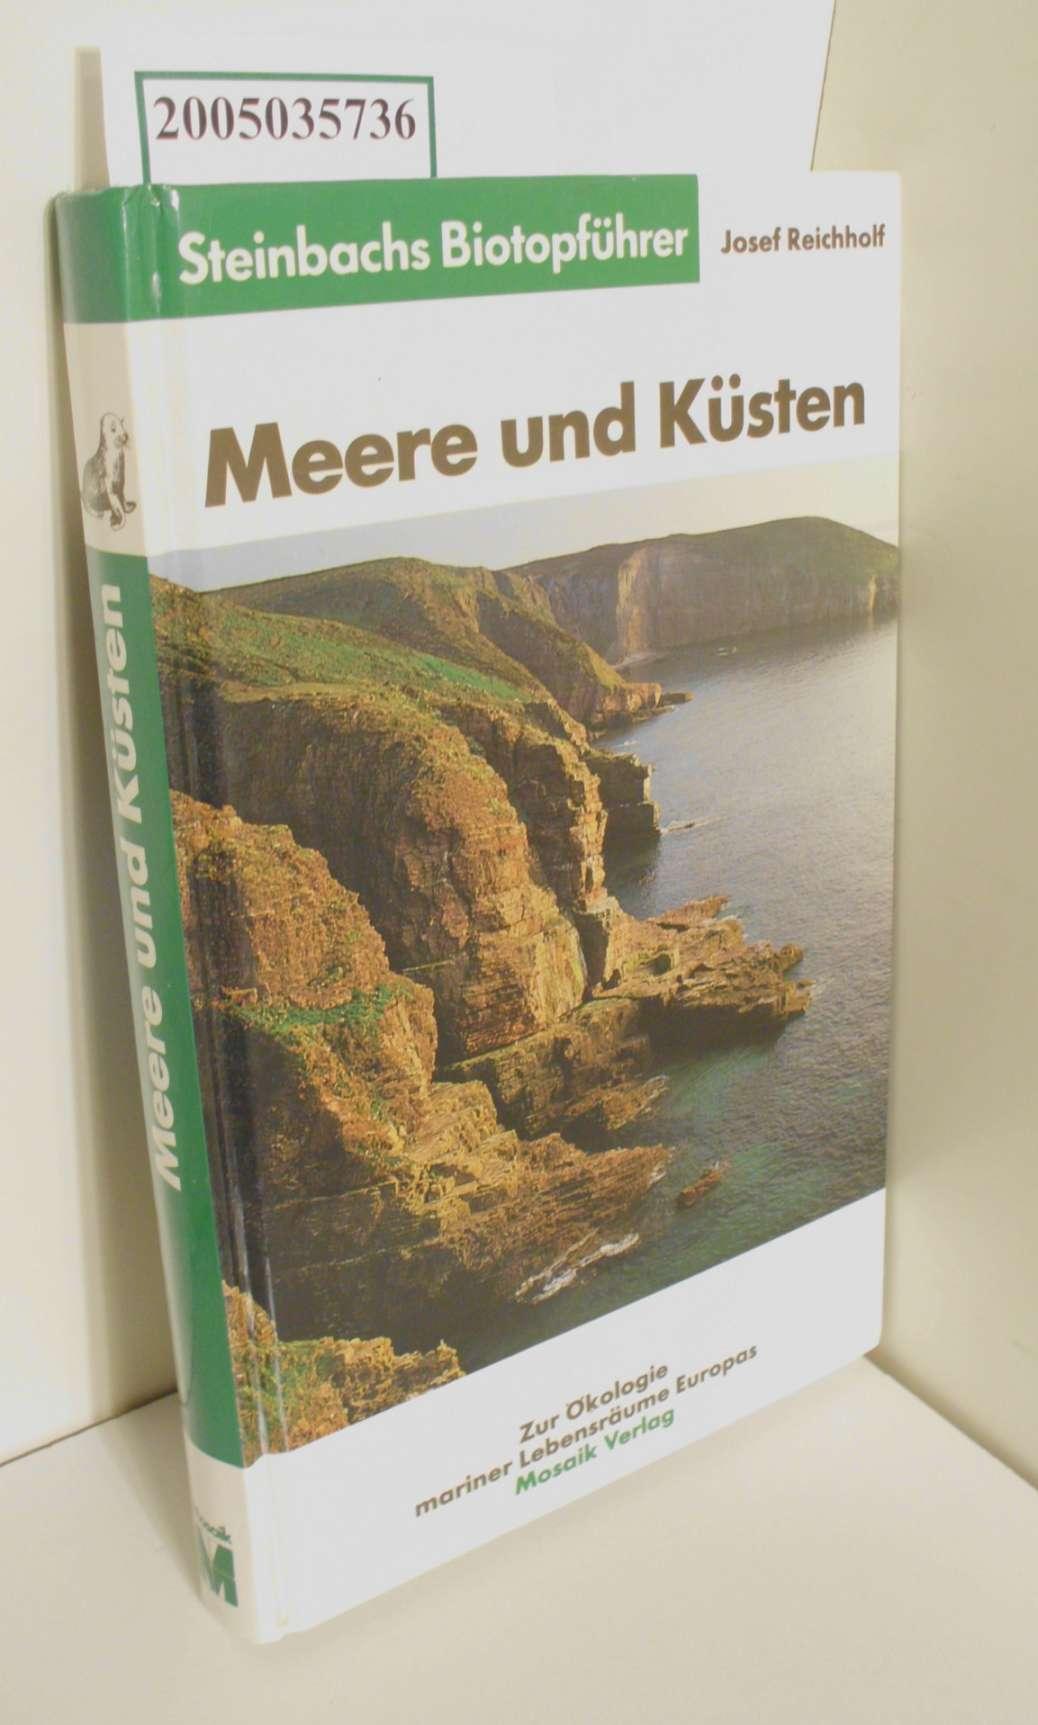 Meere und Küsten : zur Ökologie mariner: Janke, Klaus, Fritz